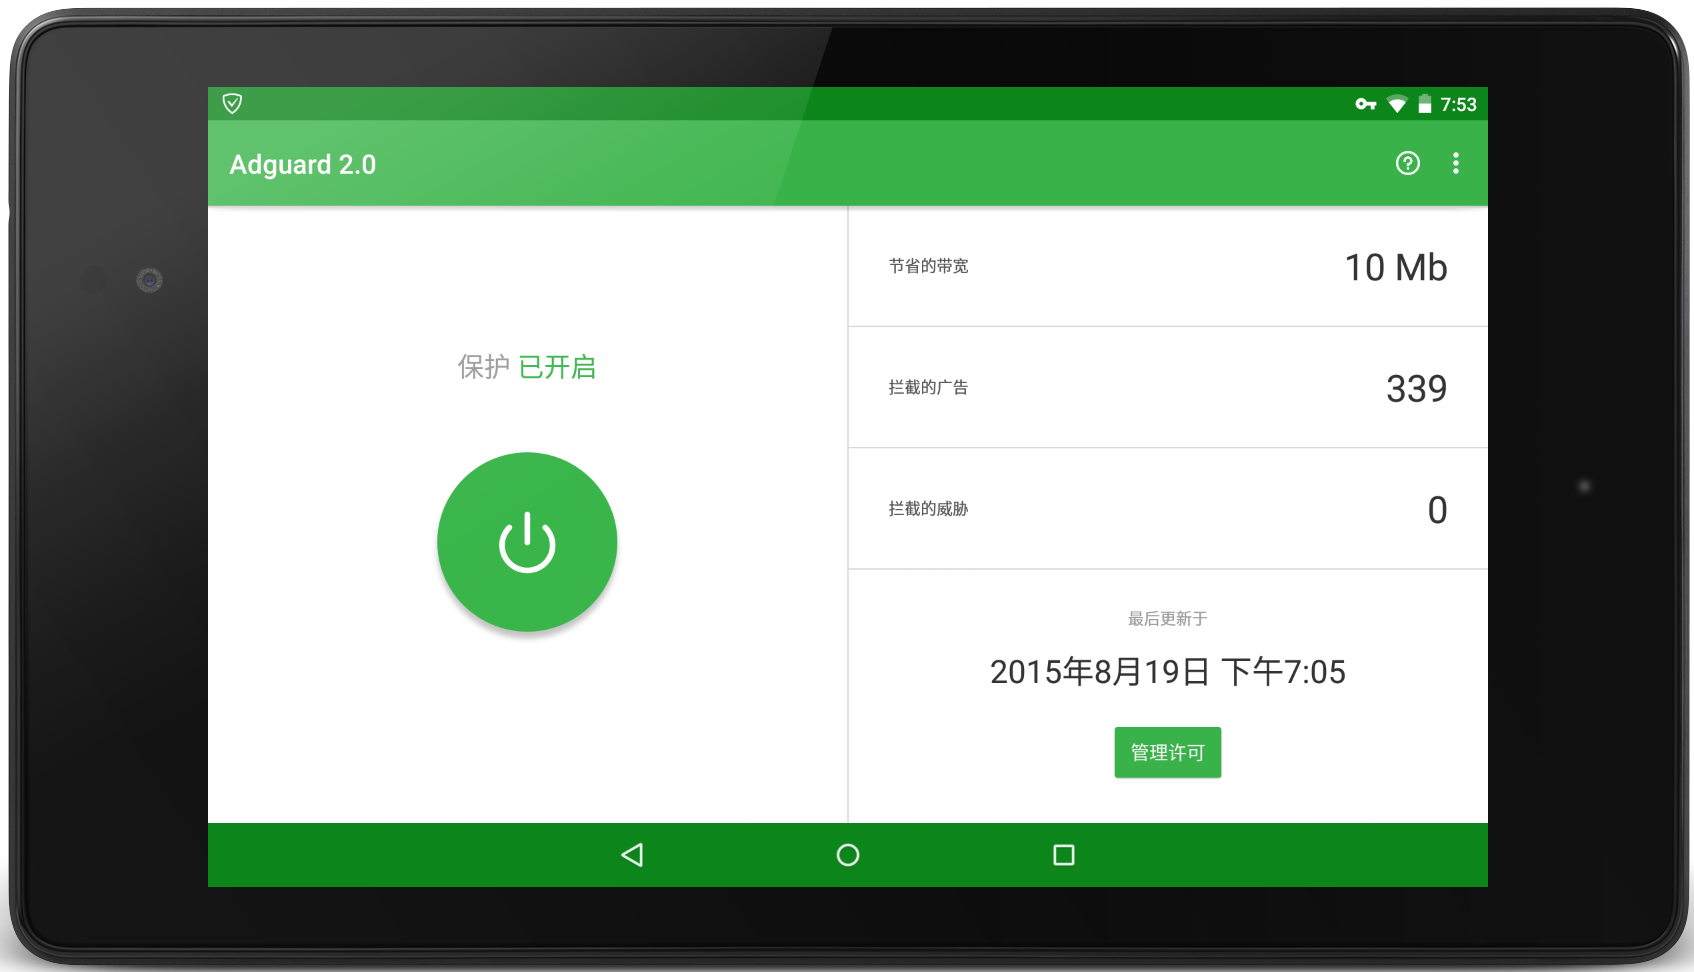 Скачать лицензионный ключ для адгуард андроид